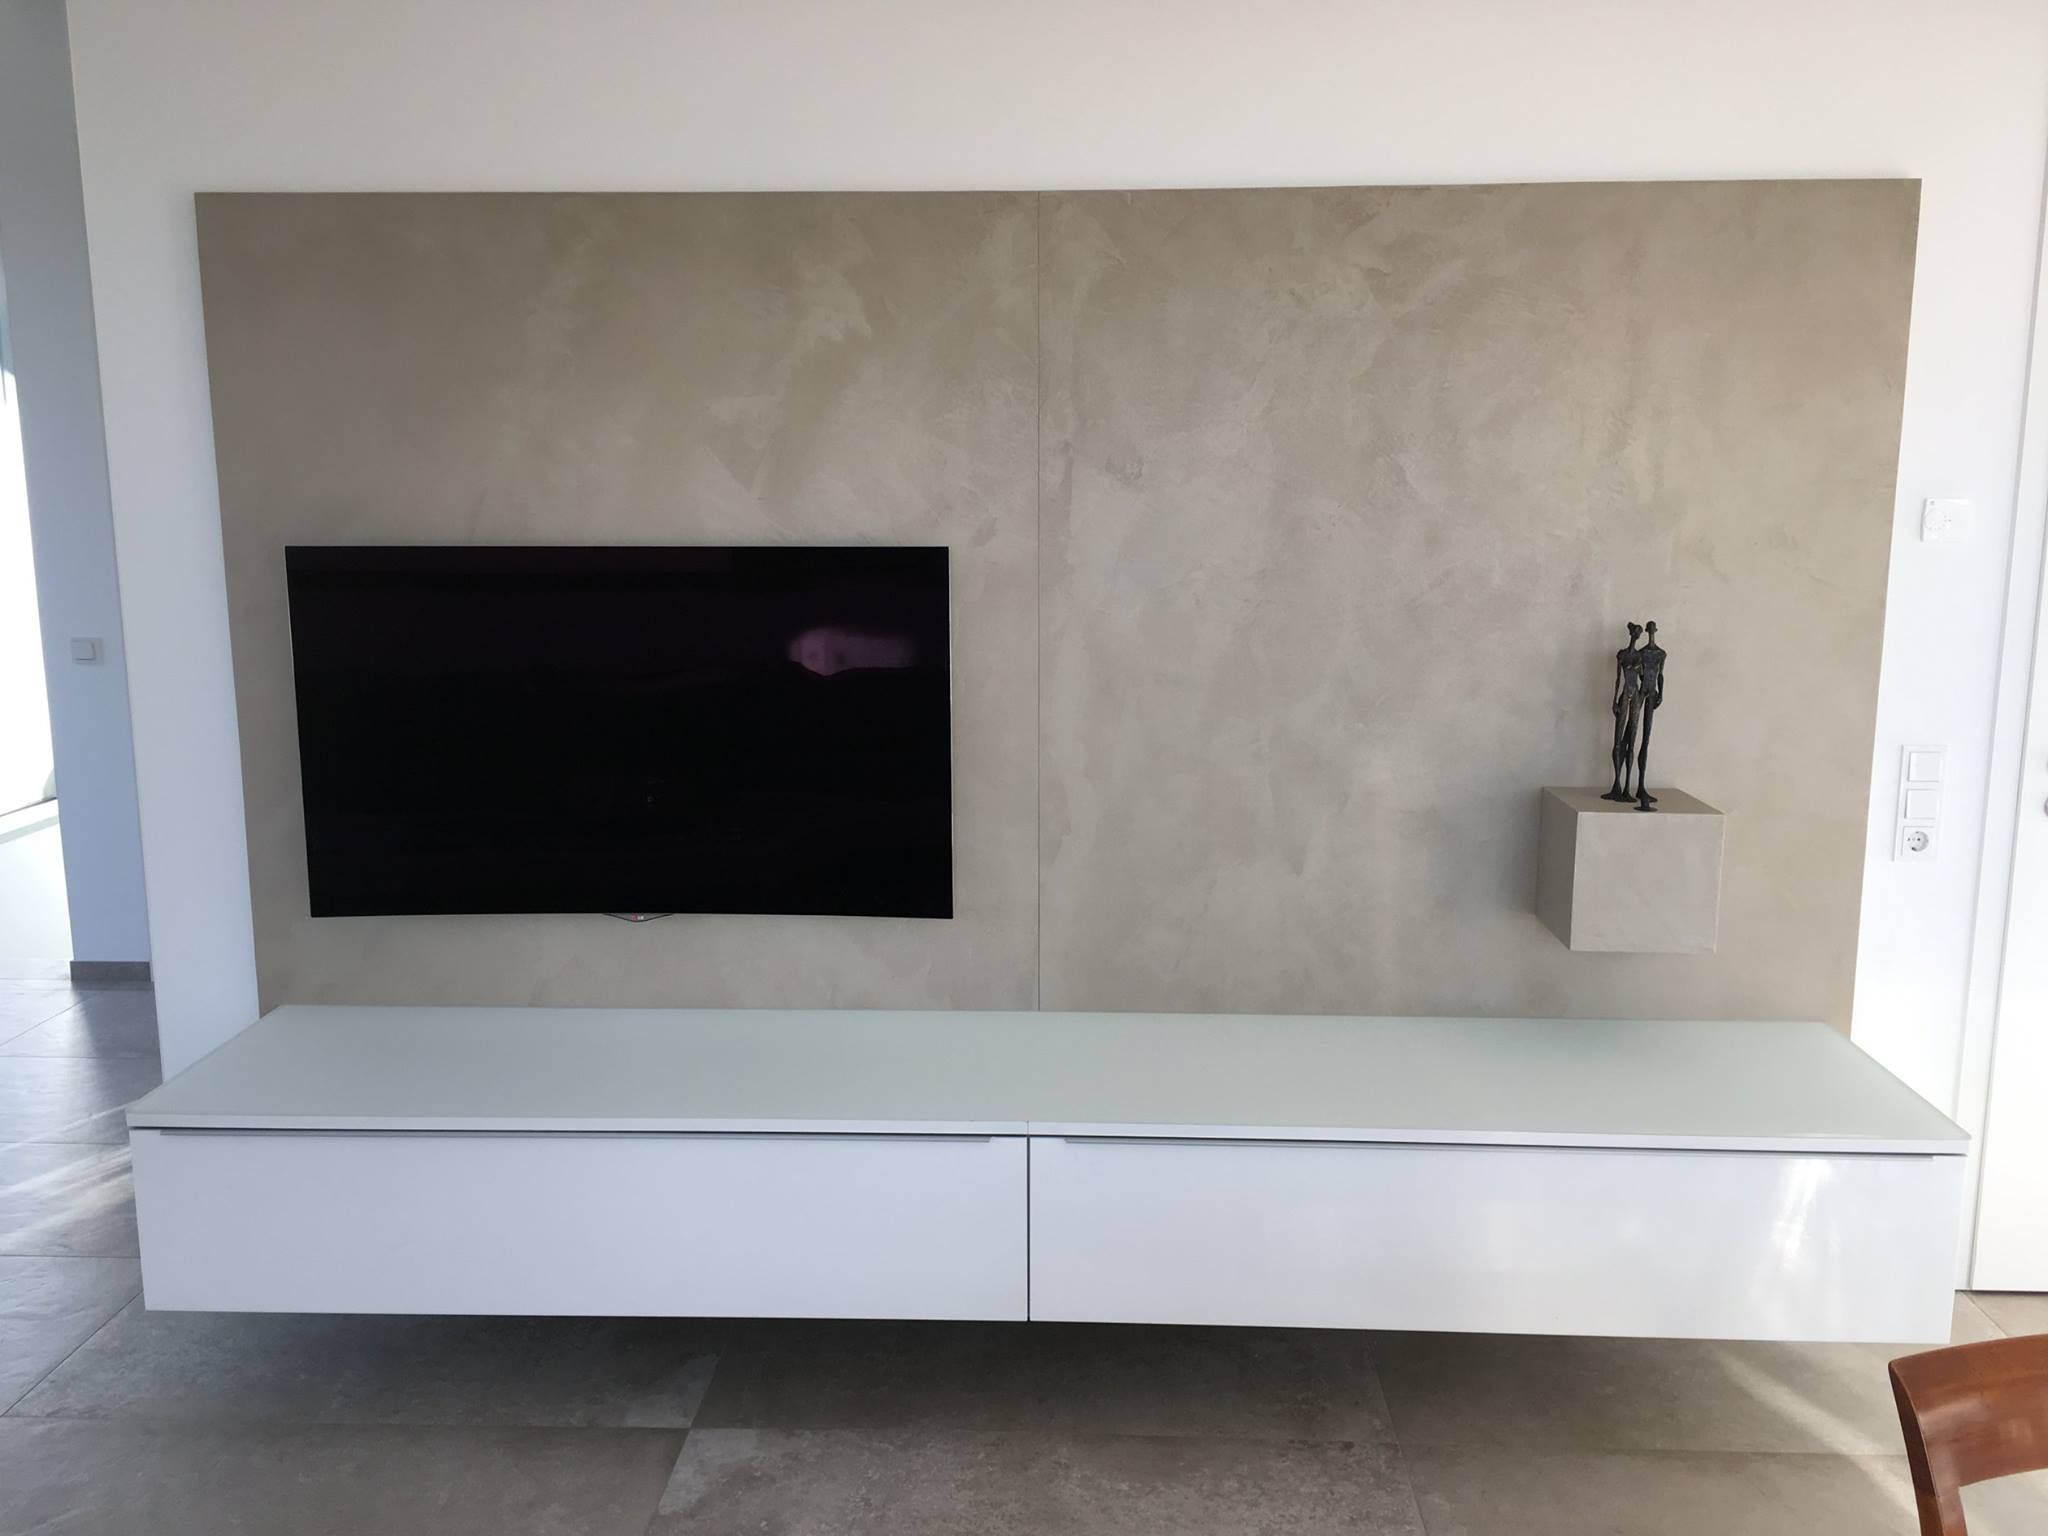 tv wand mit wei em lowboard und r ckwand aus beton cir schickes design f r das wohnzimmer. Black Bedroom Furniture Sets. Home Design Ideas